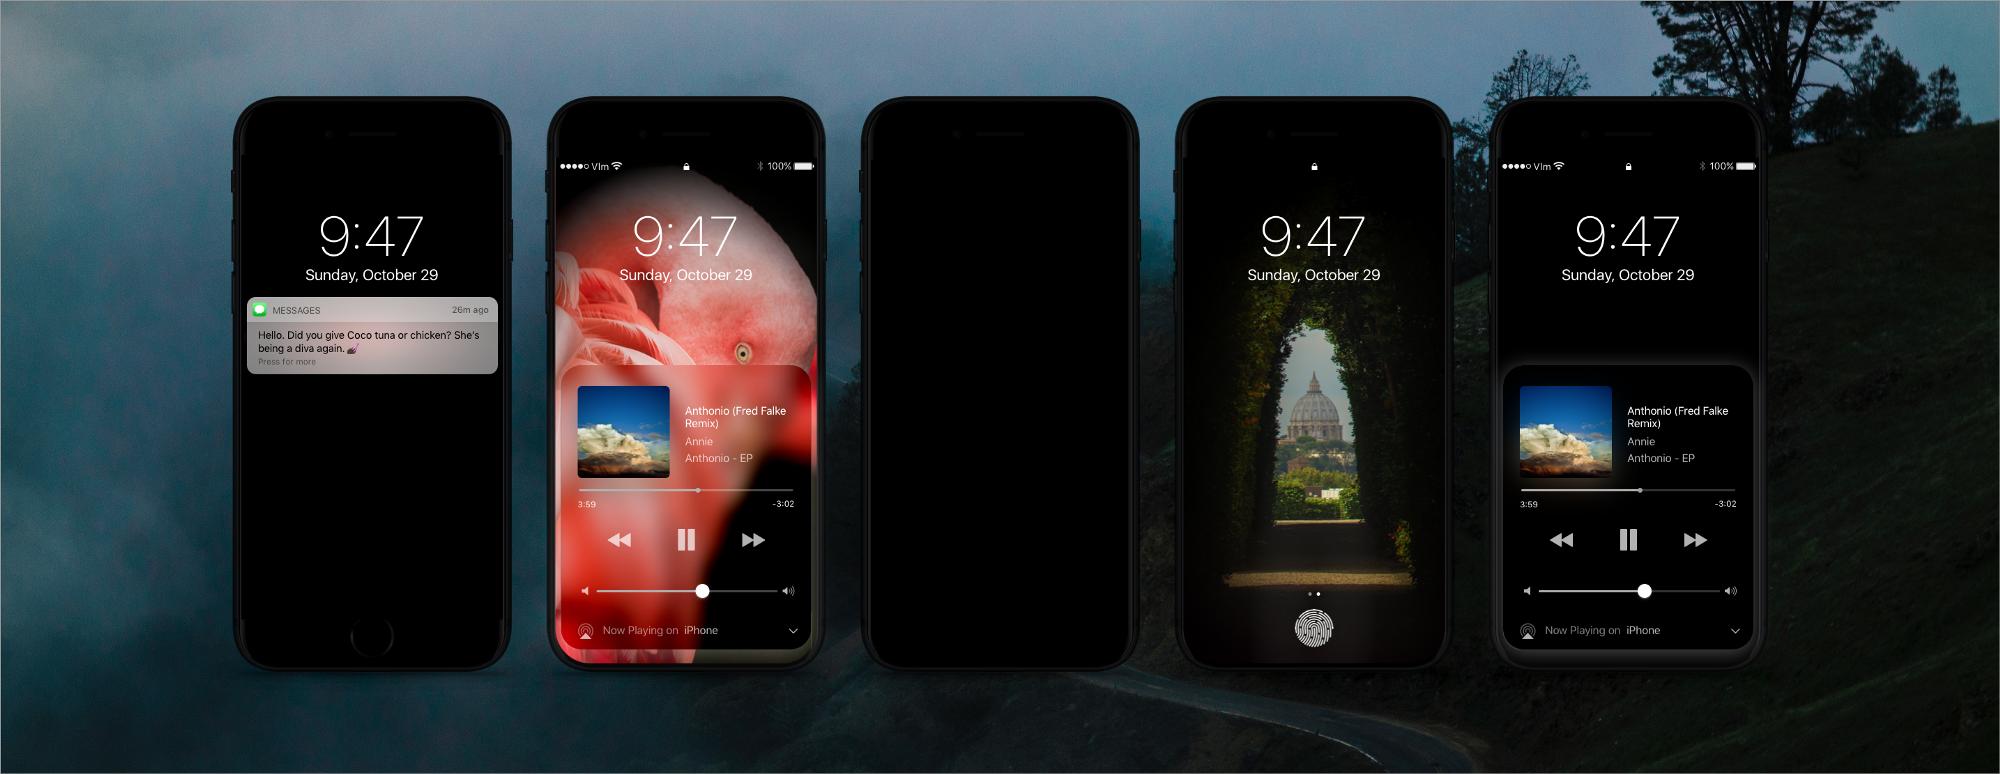 iphone sovellukset ei aukea Mantta-Vilppula